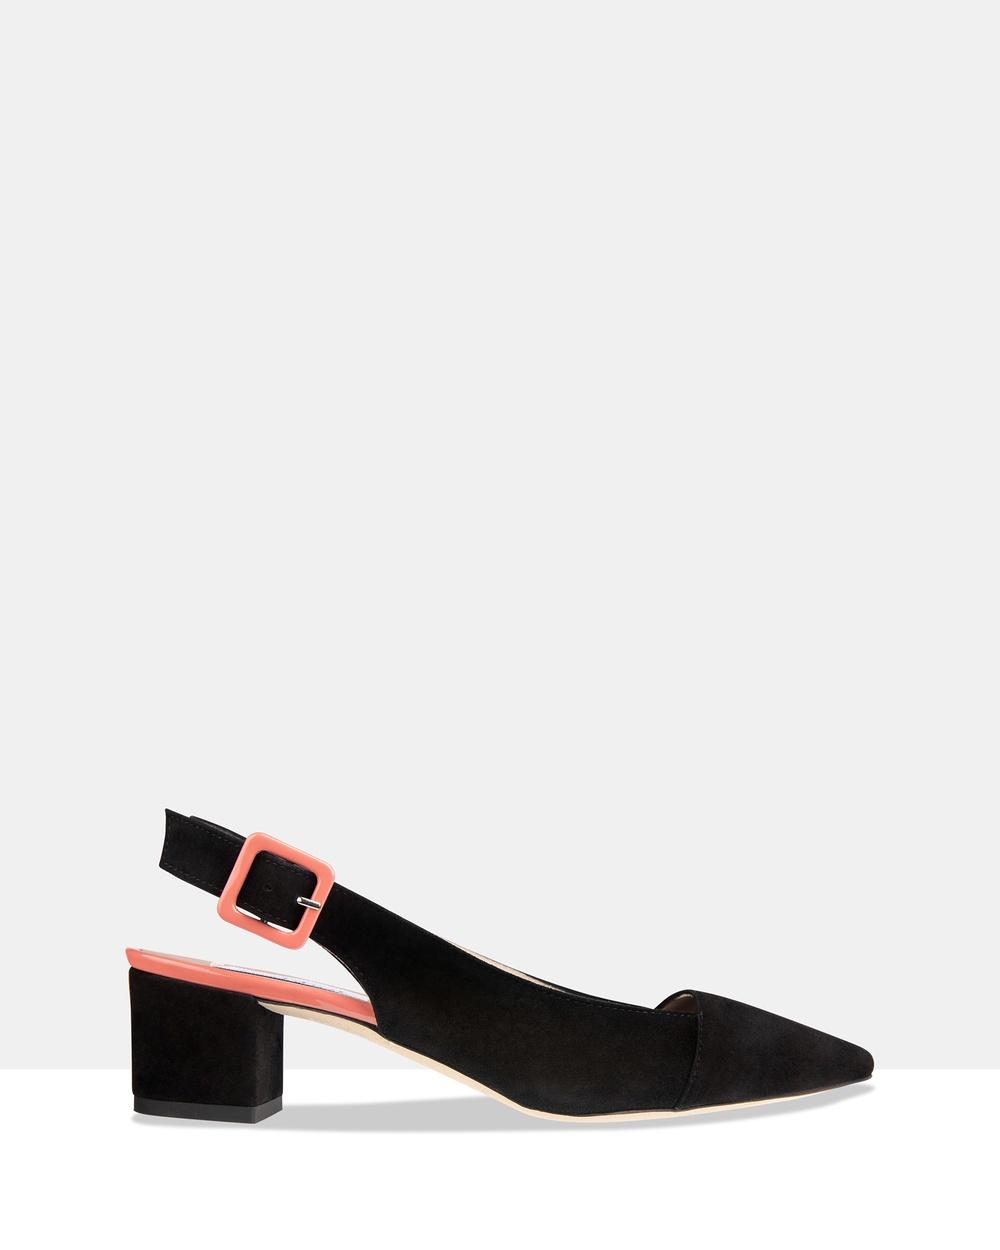 Habbot Oliver Sling Back Heels Mid-low heels Black Oliver Sling Back Heels